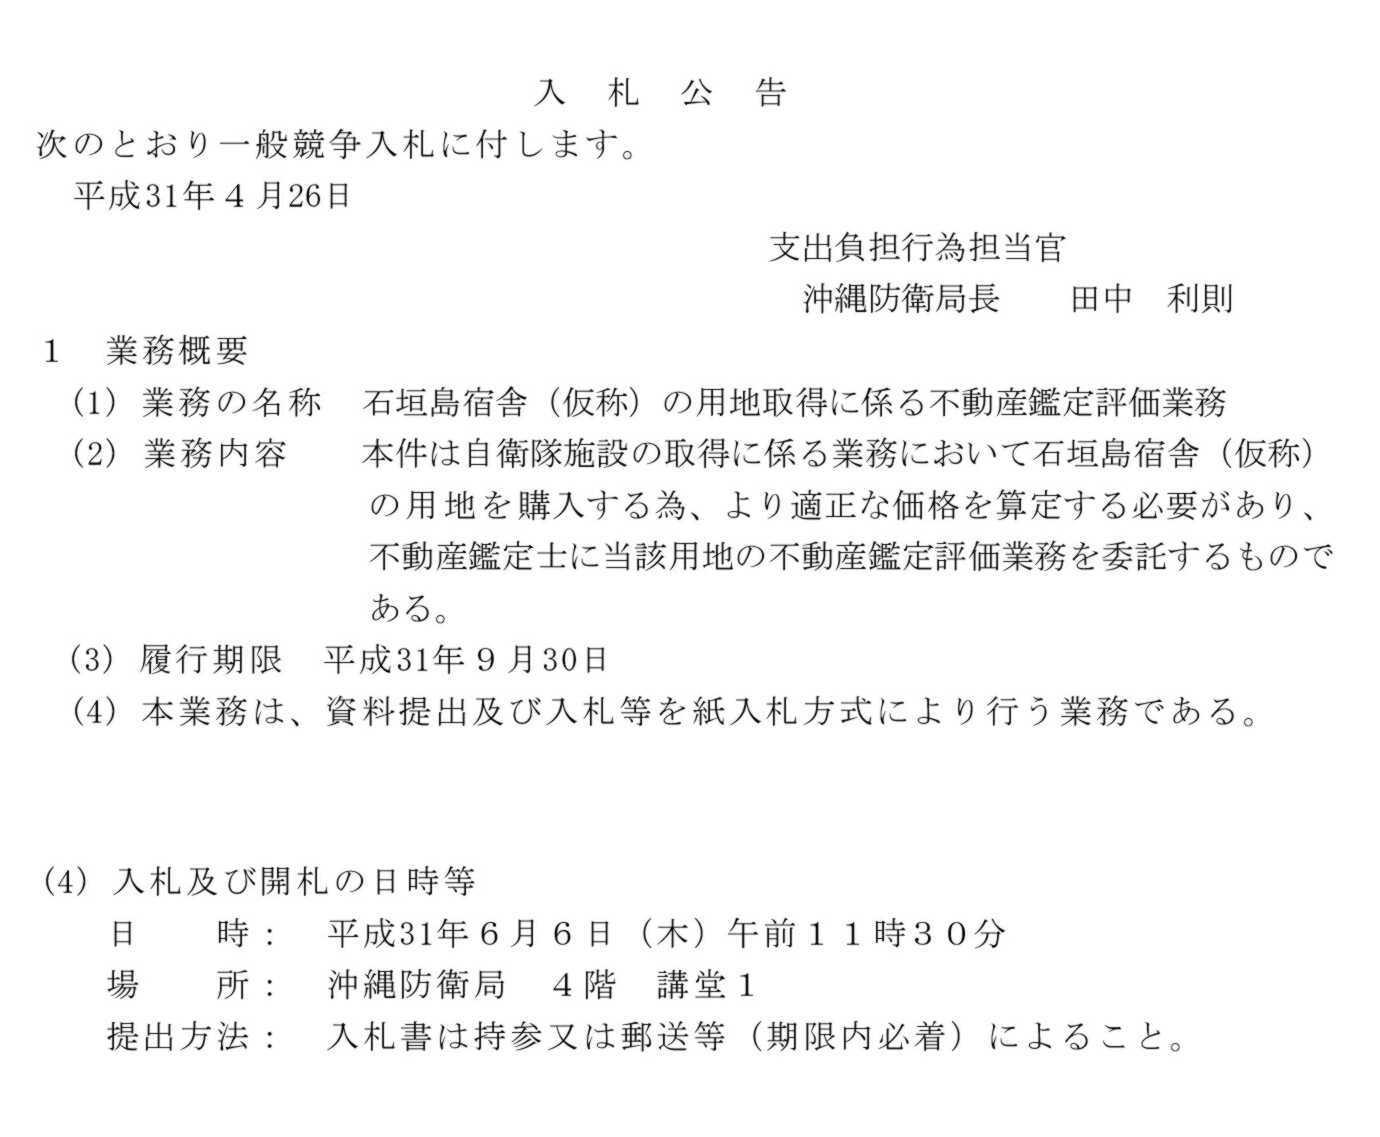 2019 0426 沖防入札不動産鑑定